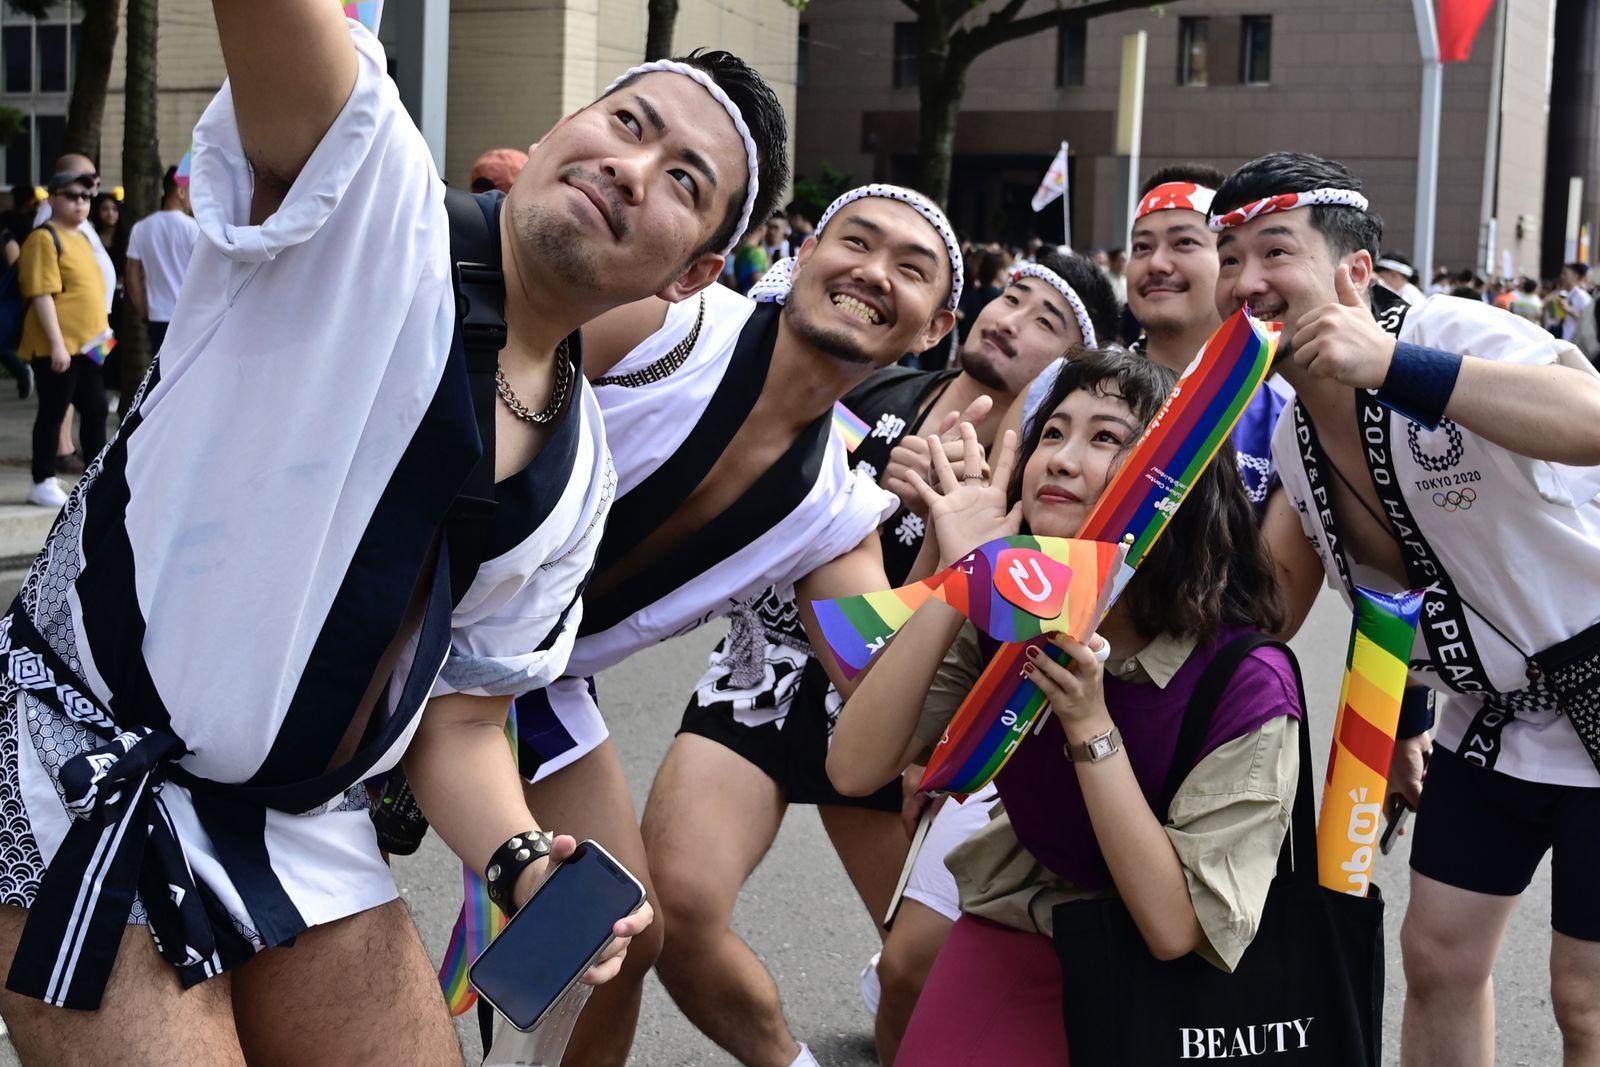 angepasst wo die gleichgeschlechtliche Ehe seit erlaubt ist